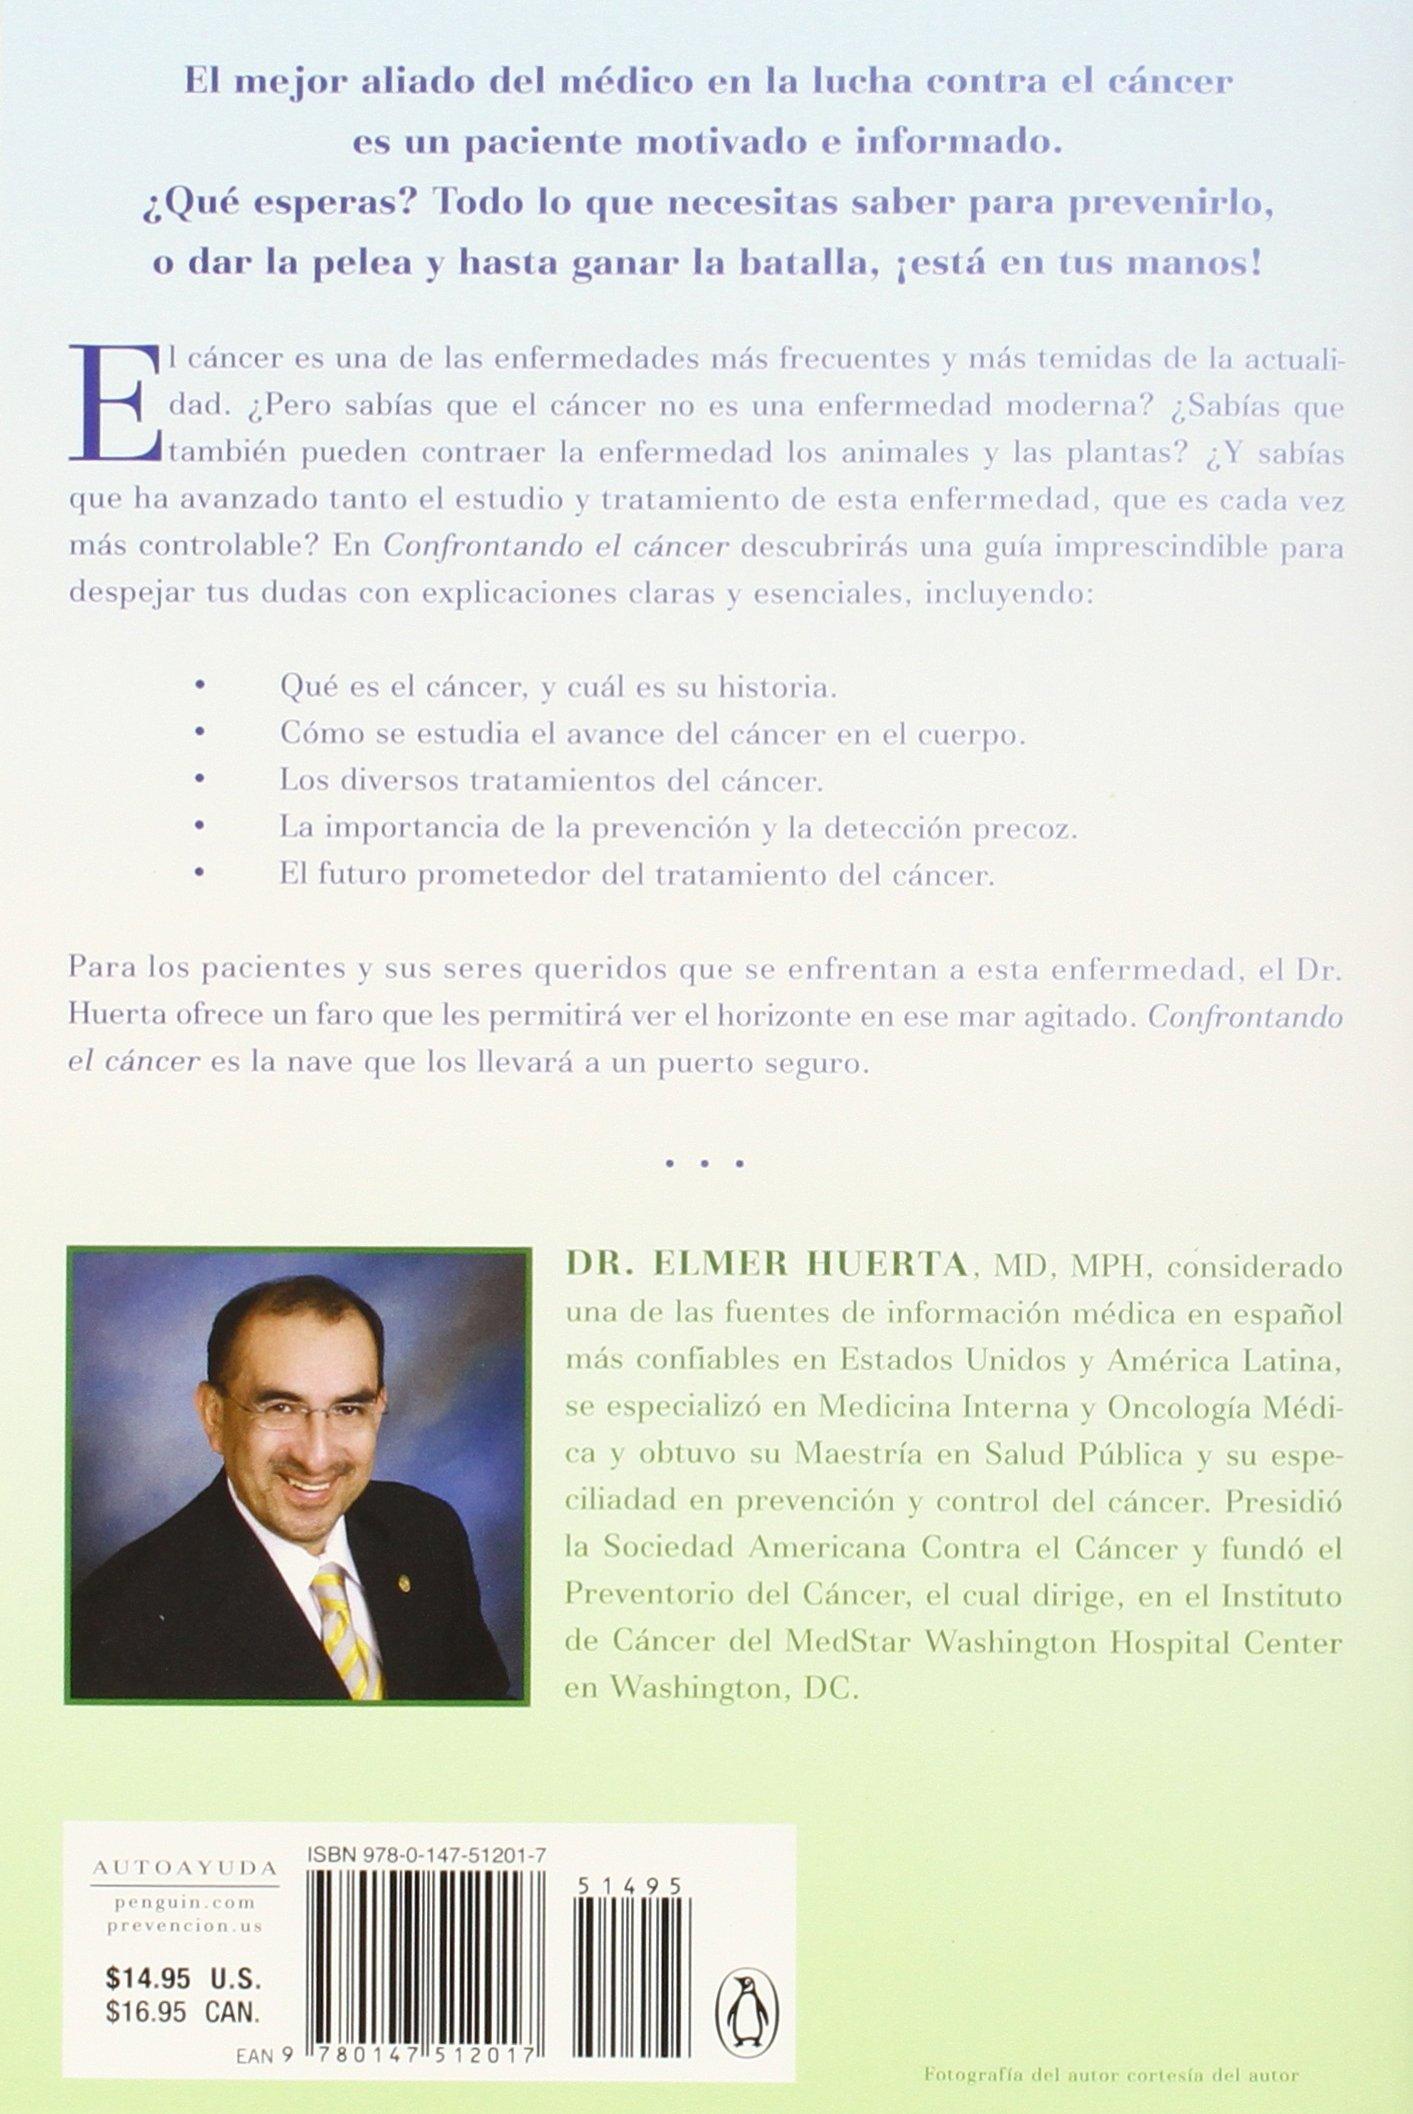 Confrontando el cancer: Una guia complete para pacientes y sus familiares: Amazon.es: Elmer, Dr. Huerta: Libros